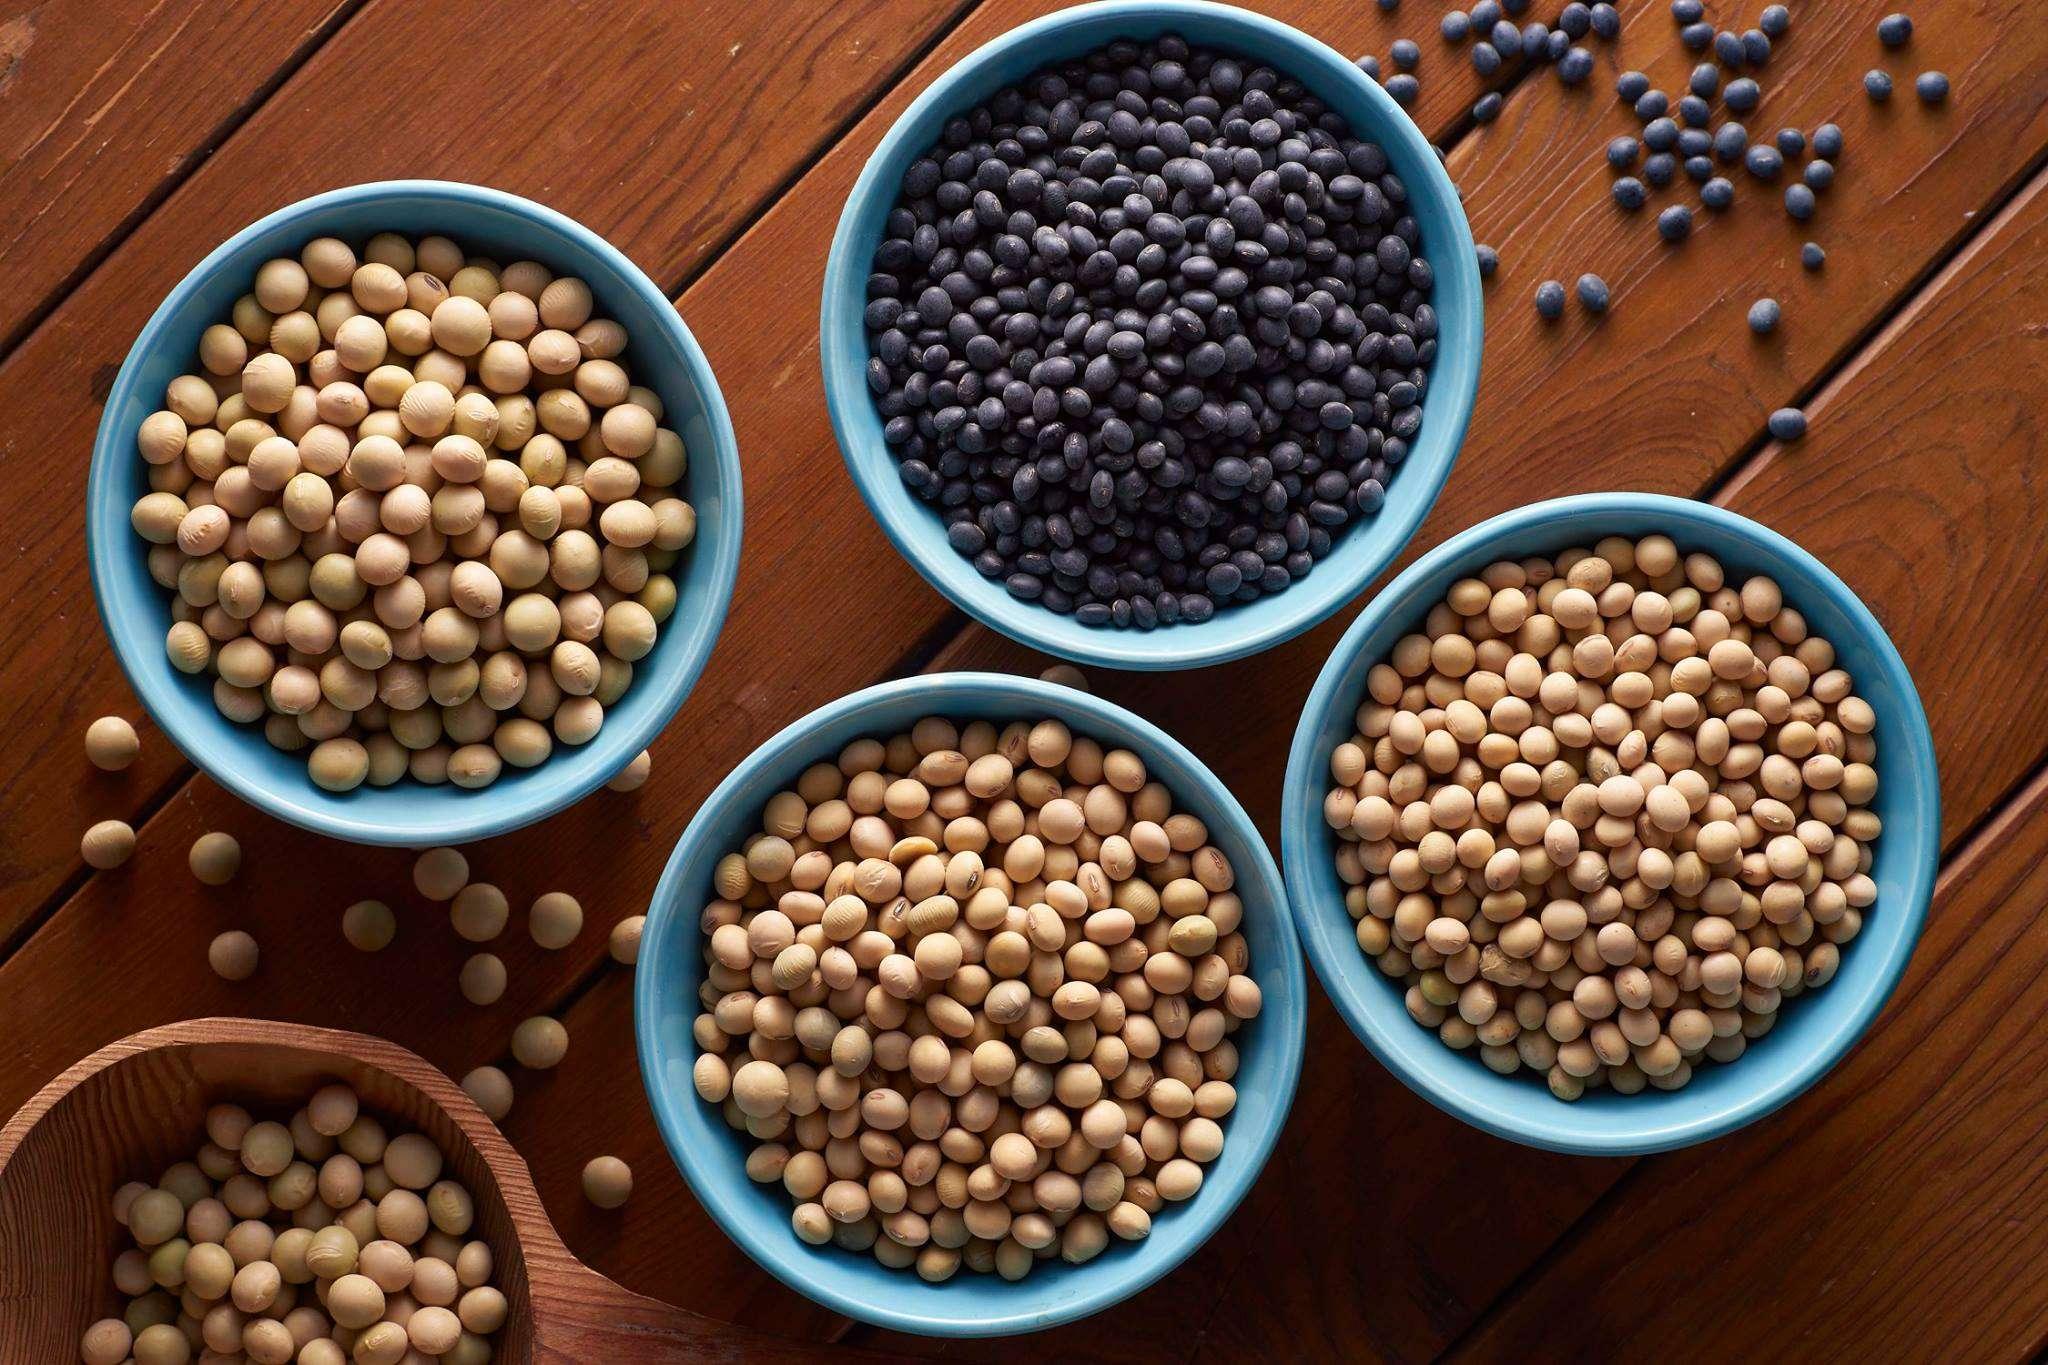 源味本鋪推薦 - 農特產   非基改黃豆、 黑豆輕鬆飲、有機白木耳露